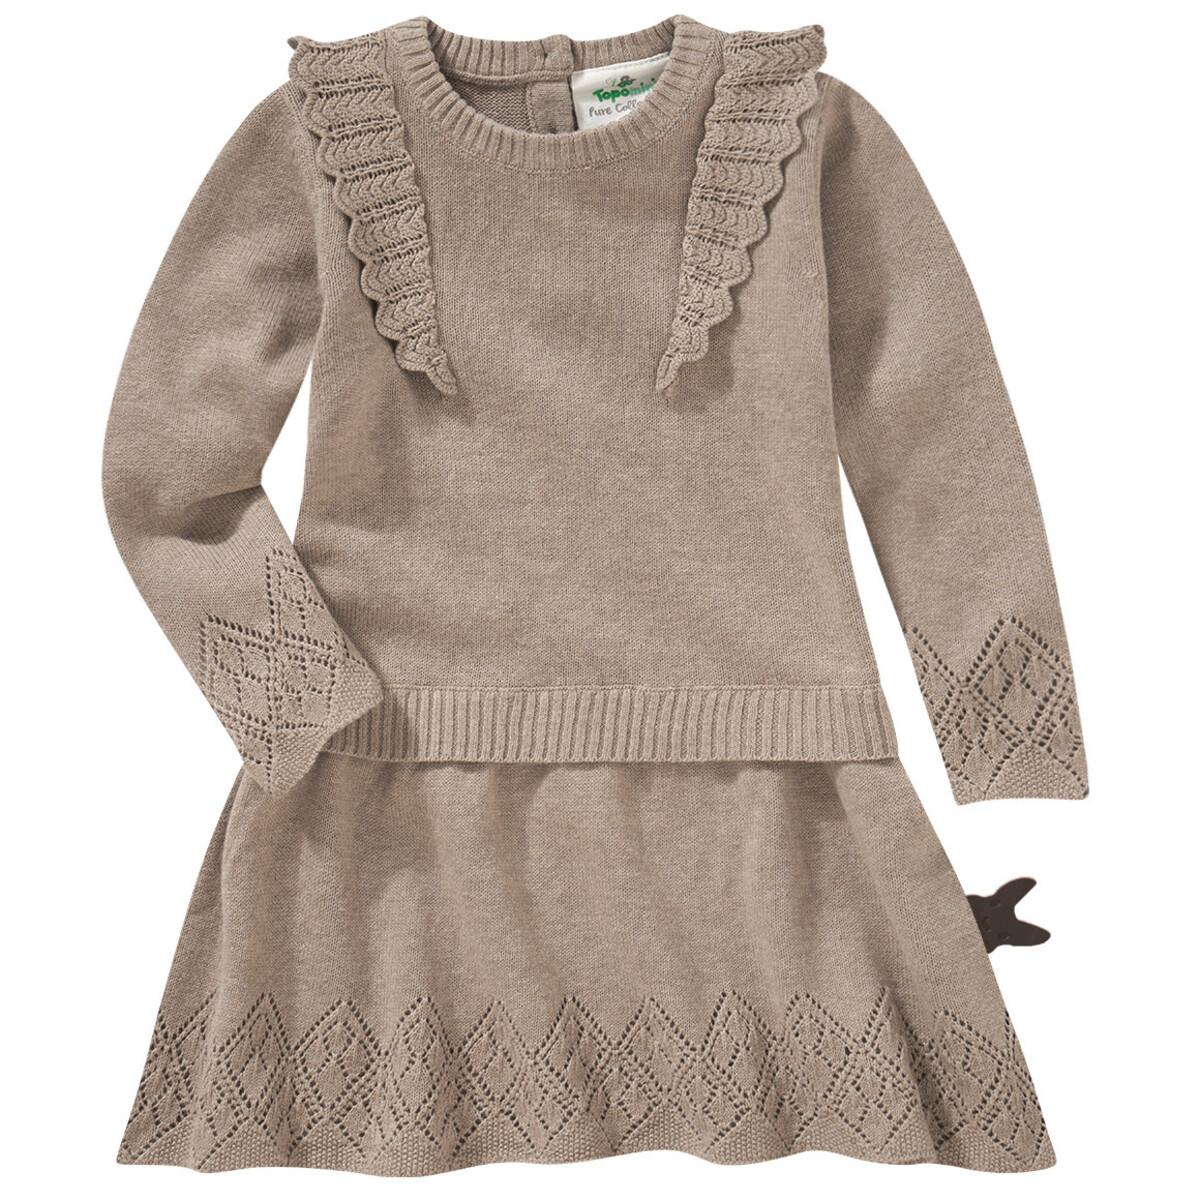 Bild 1 von Baby Strickkleid mit Rüschen